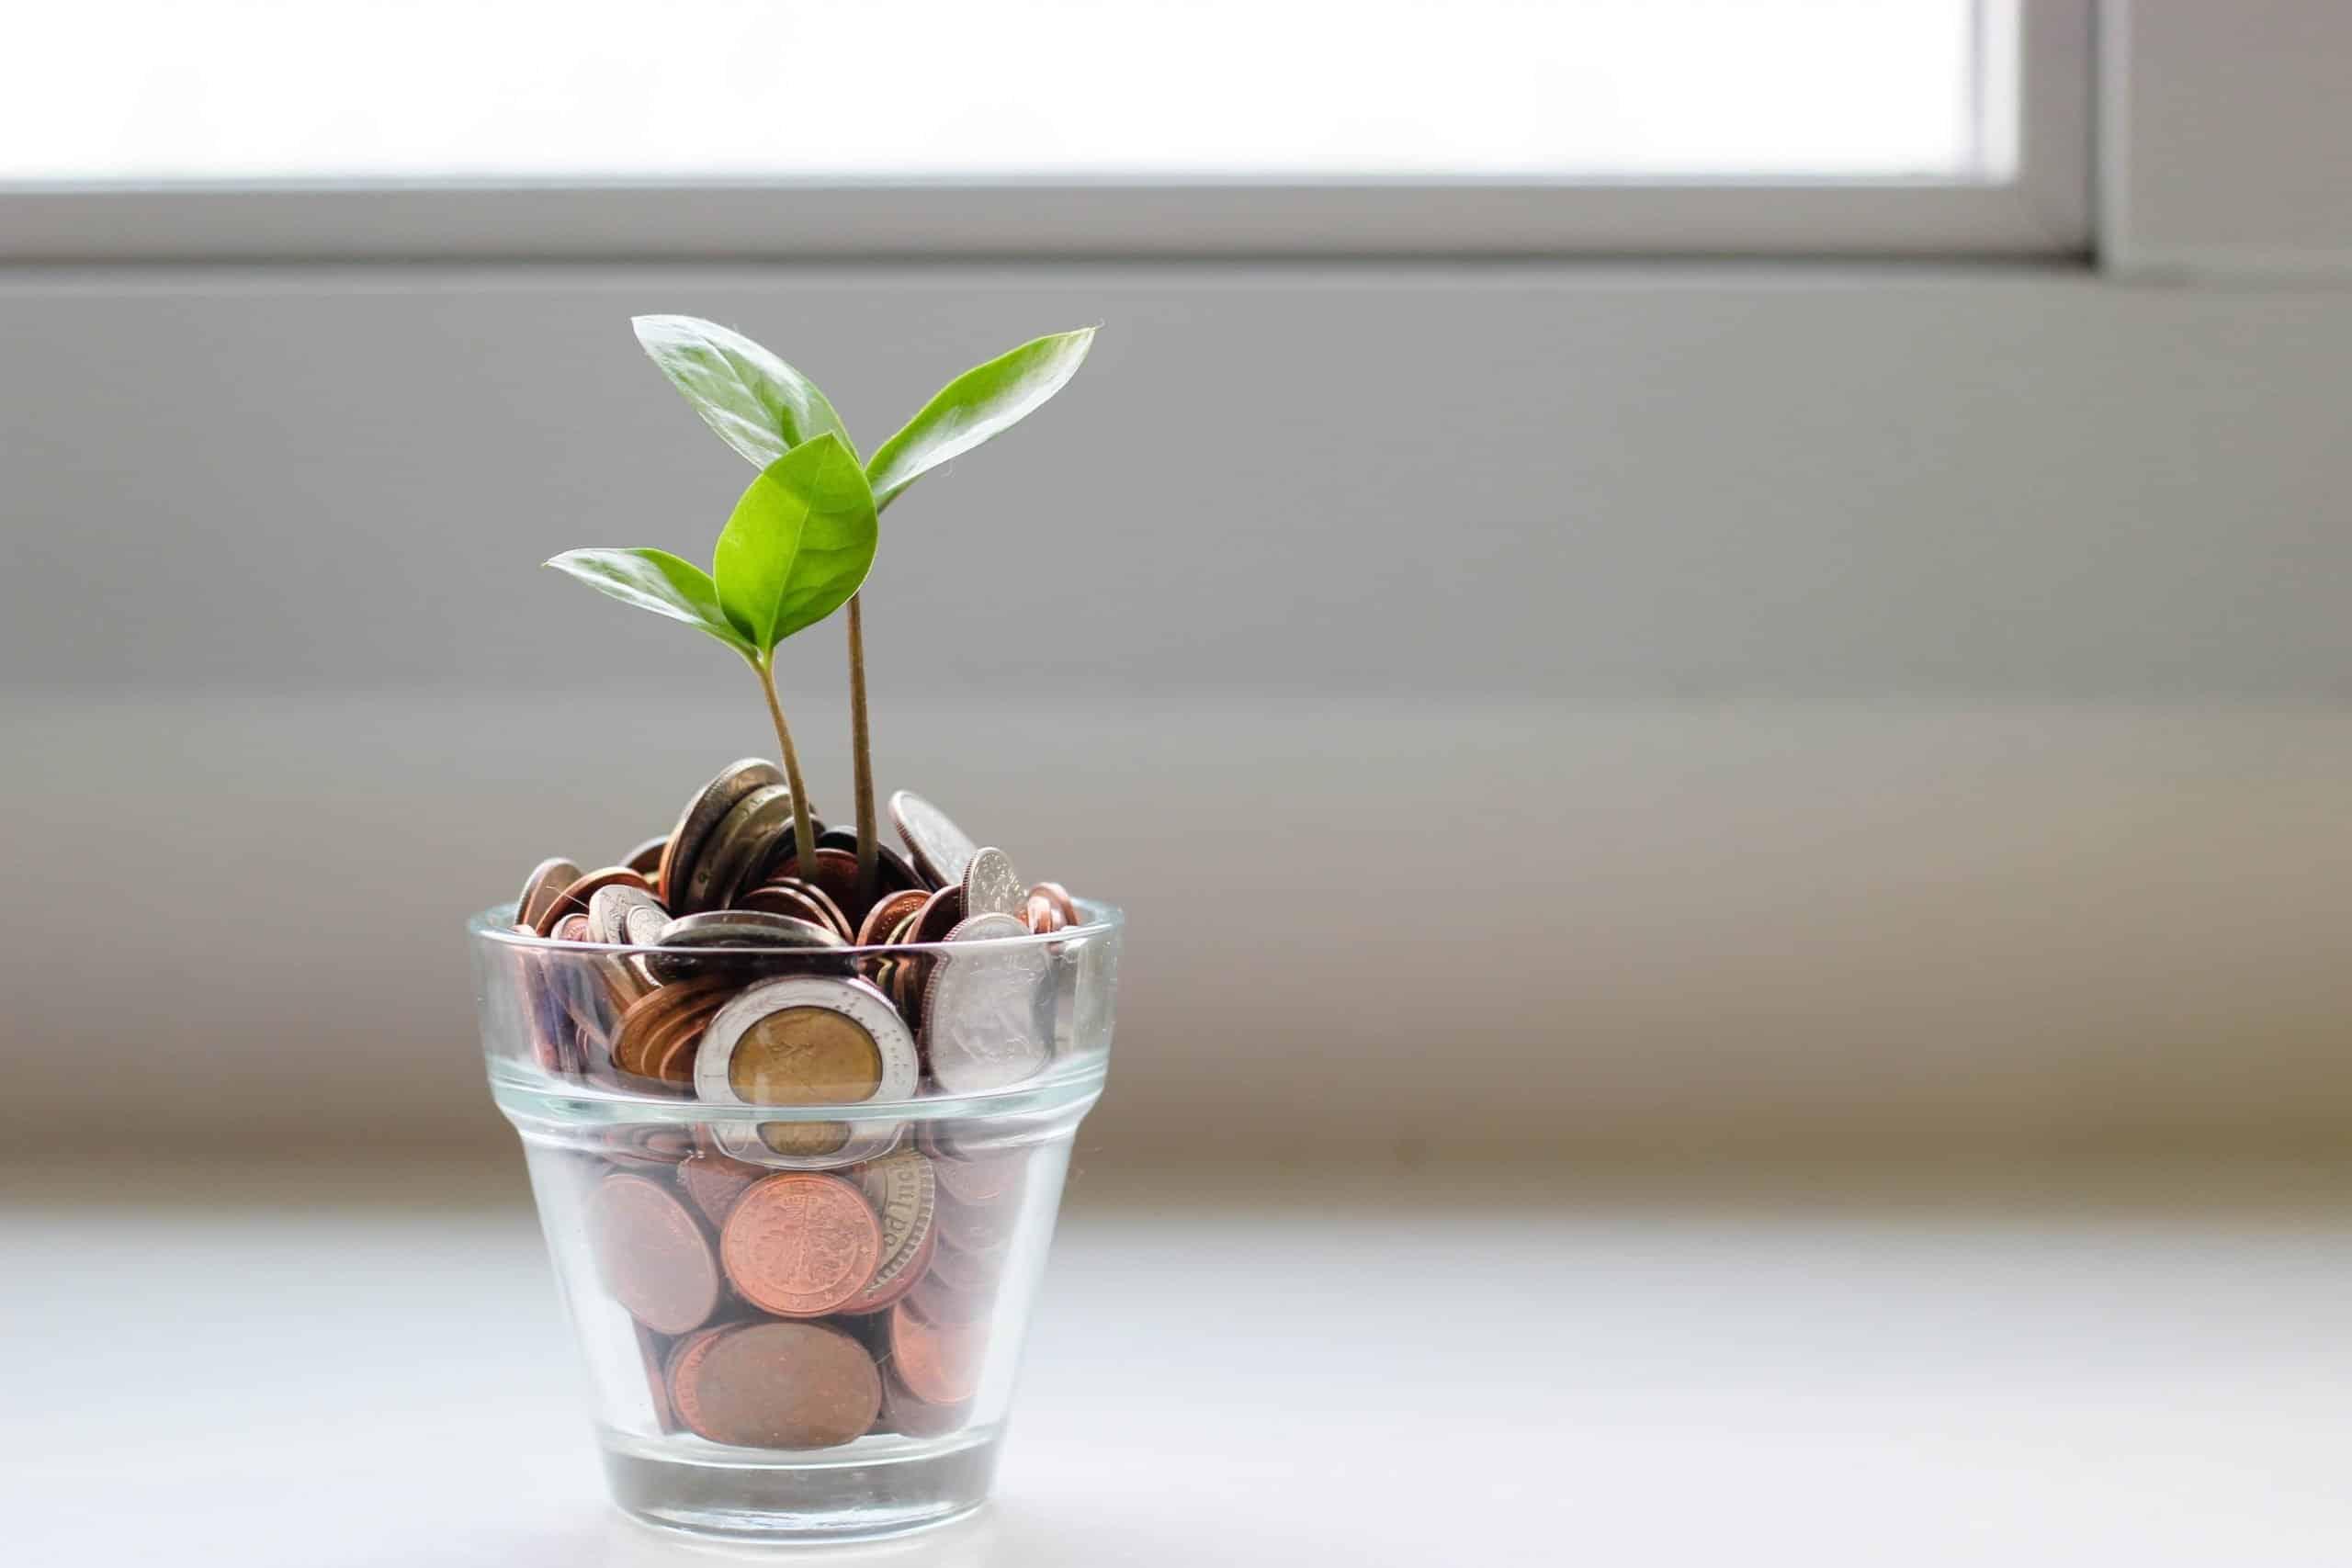 7 geriausios mažos sąskaitos prekybos strategijos.